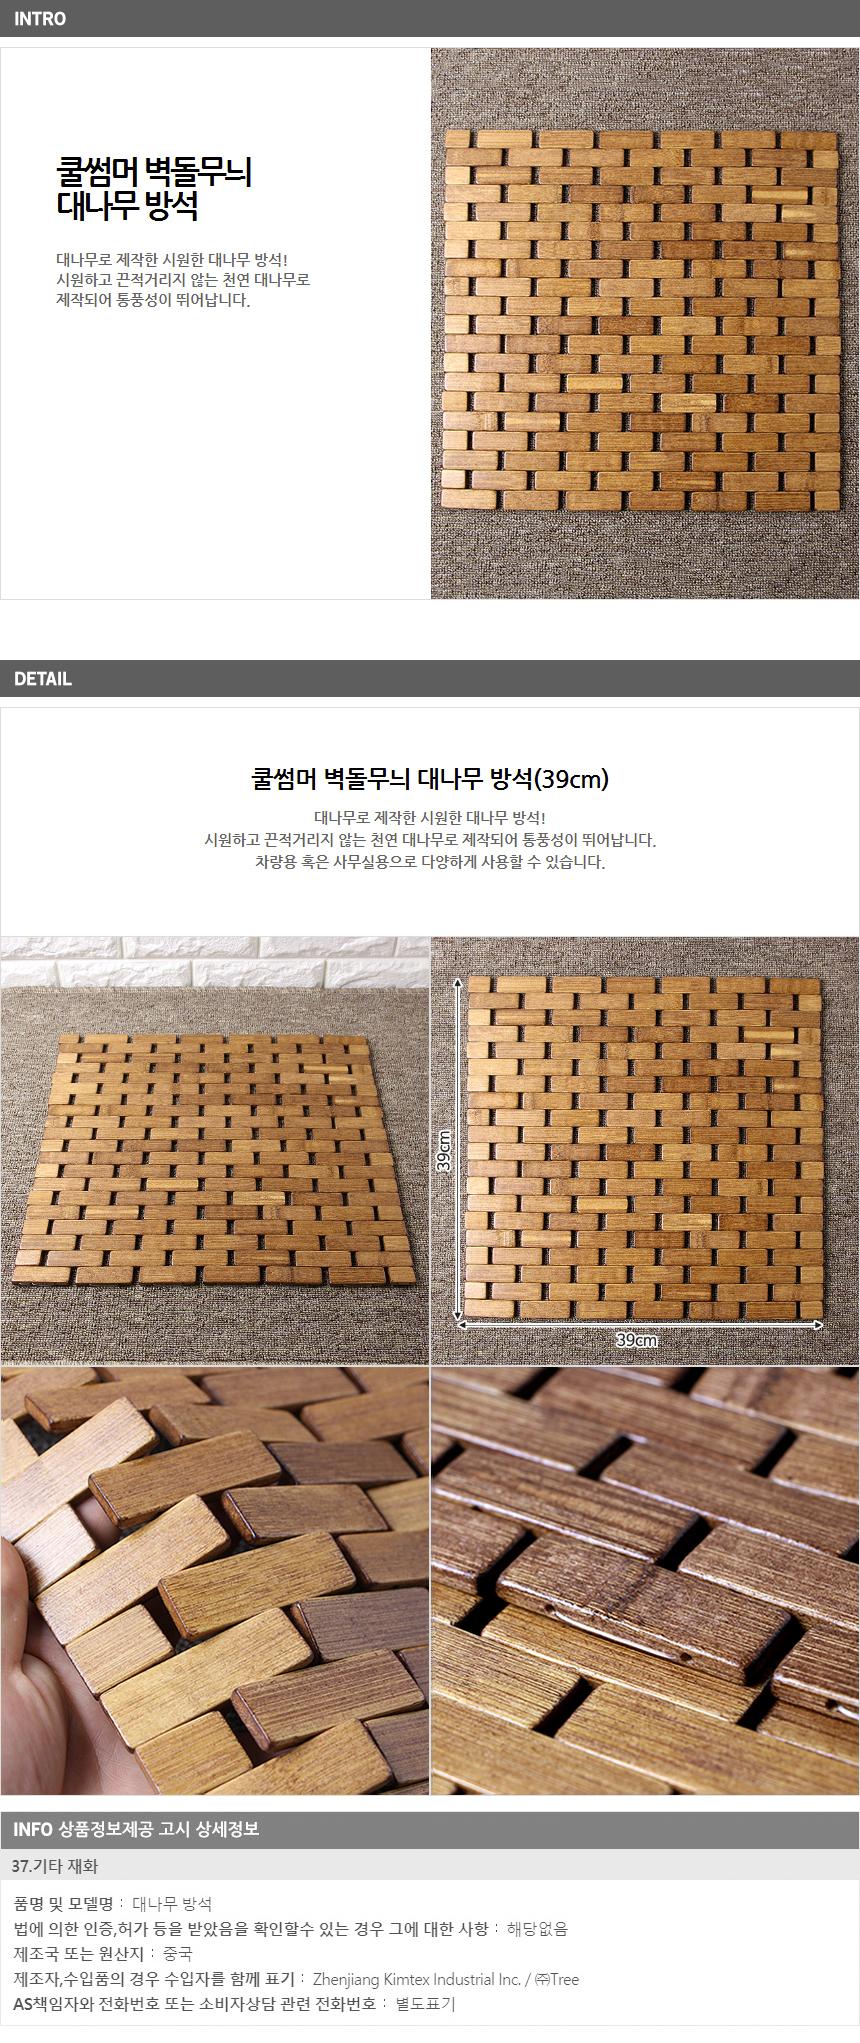 벽돌무늬 대나무방석(39cm)/차량용 쿨방석 통풍시트 방석 - 기프트갓, 9,070원, 방석, 여름방석